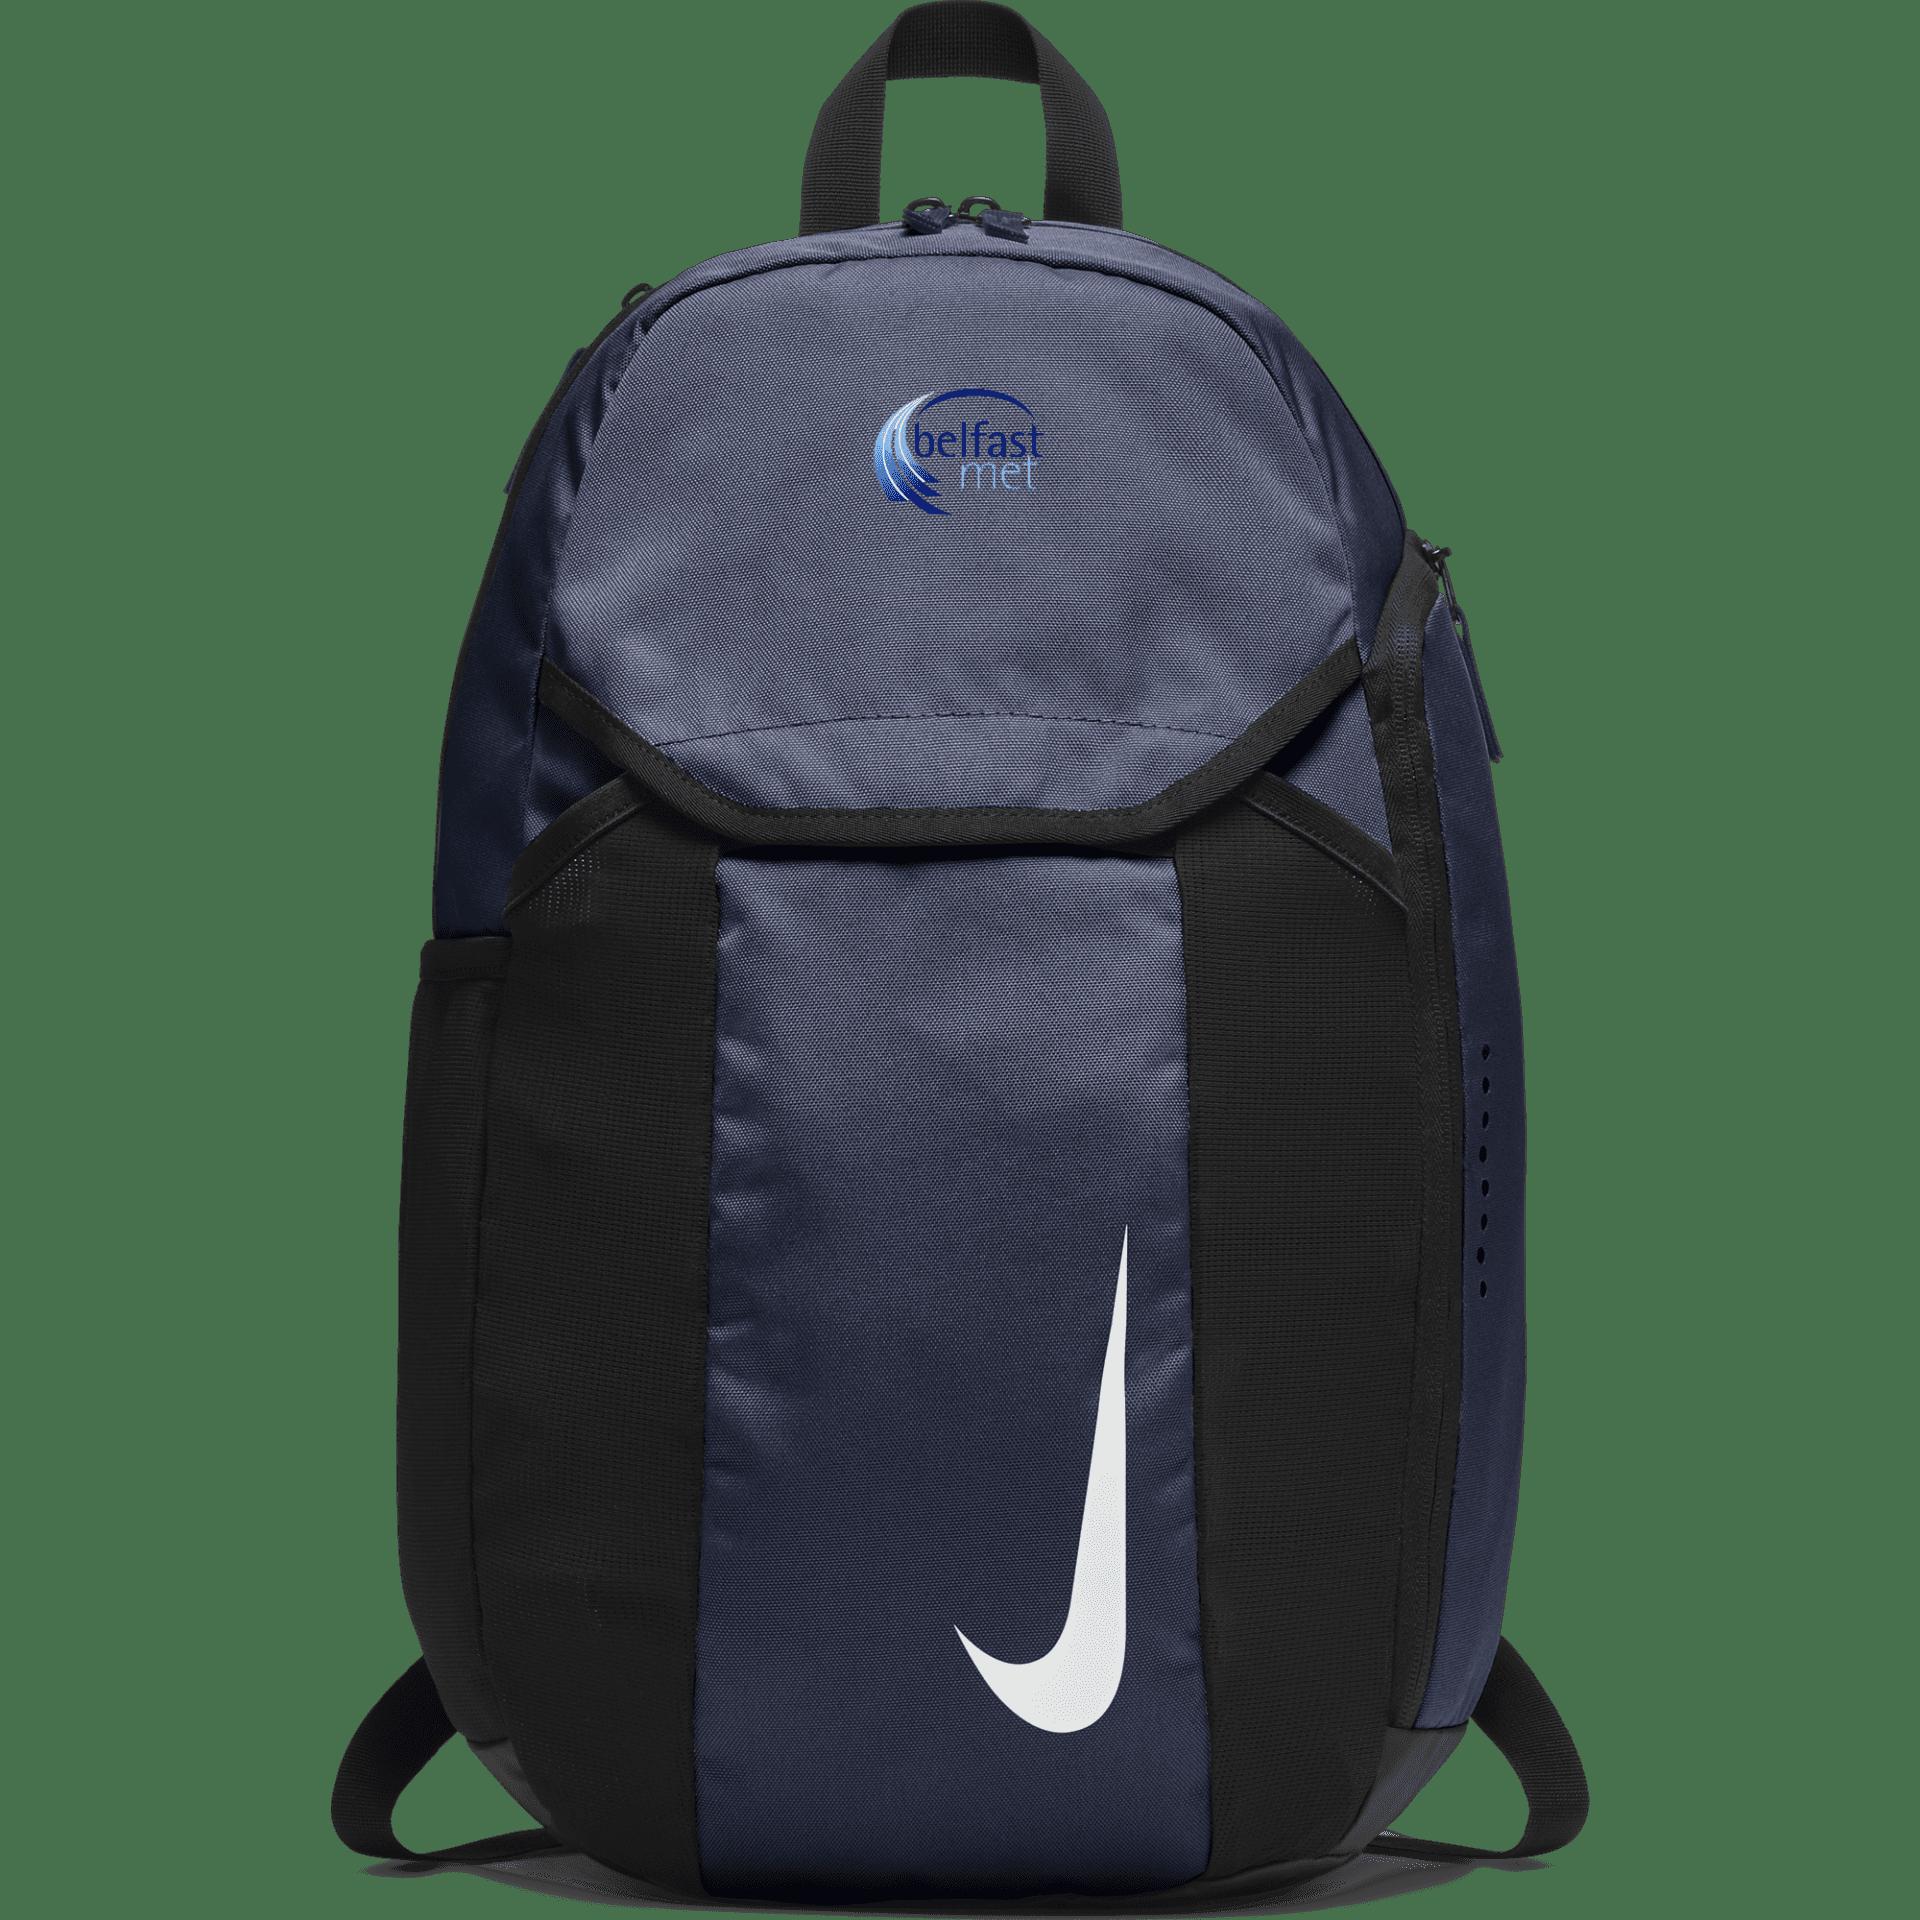 belfast met backpack 33696 p